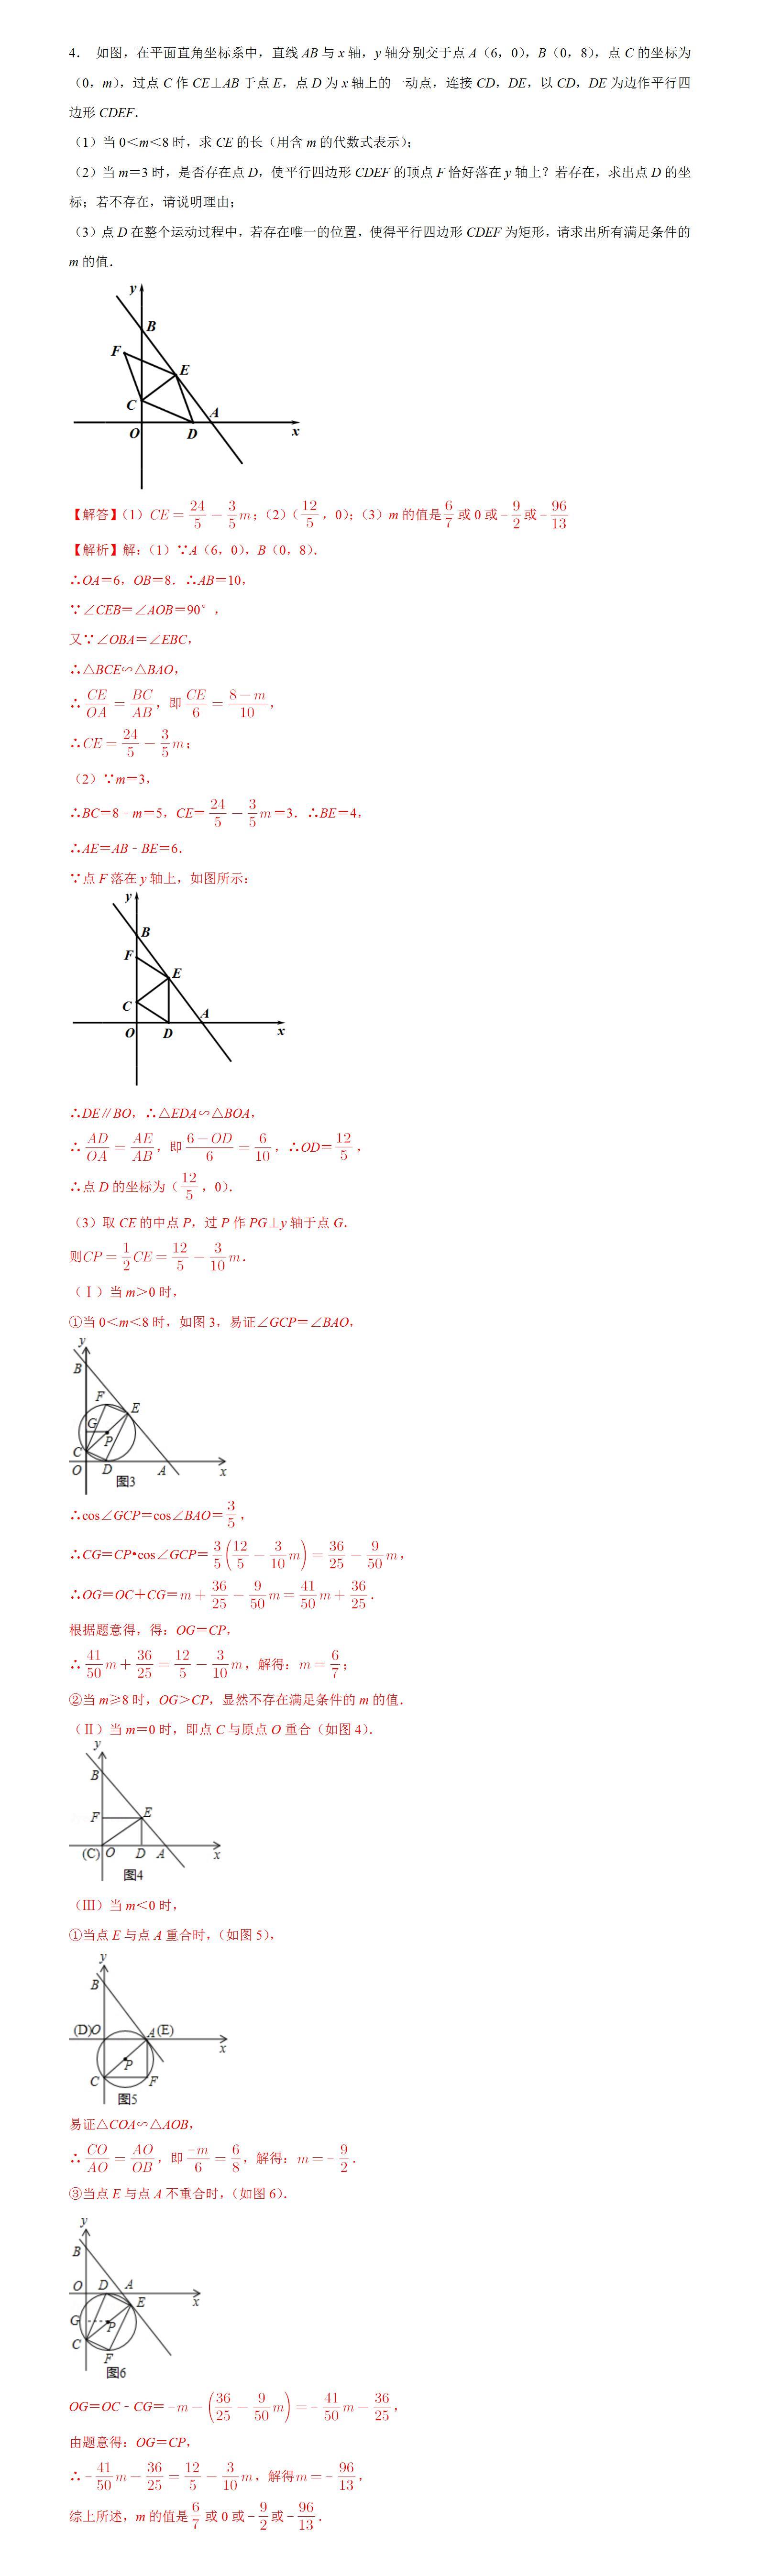 2020年初三数学矩形存在性问题巩固练习(提优)试题及答案(四)